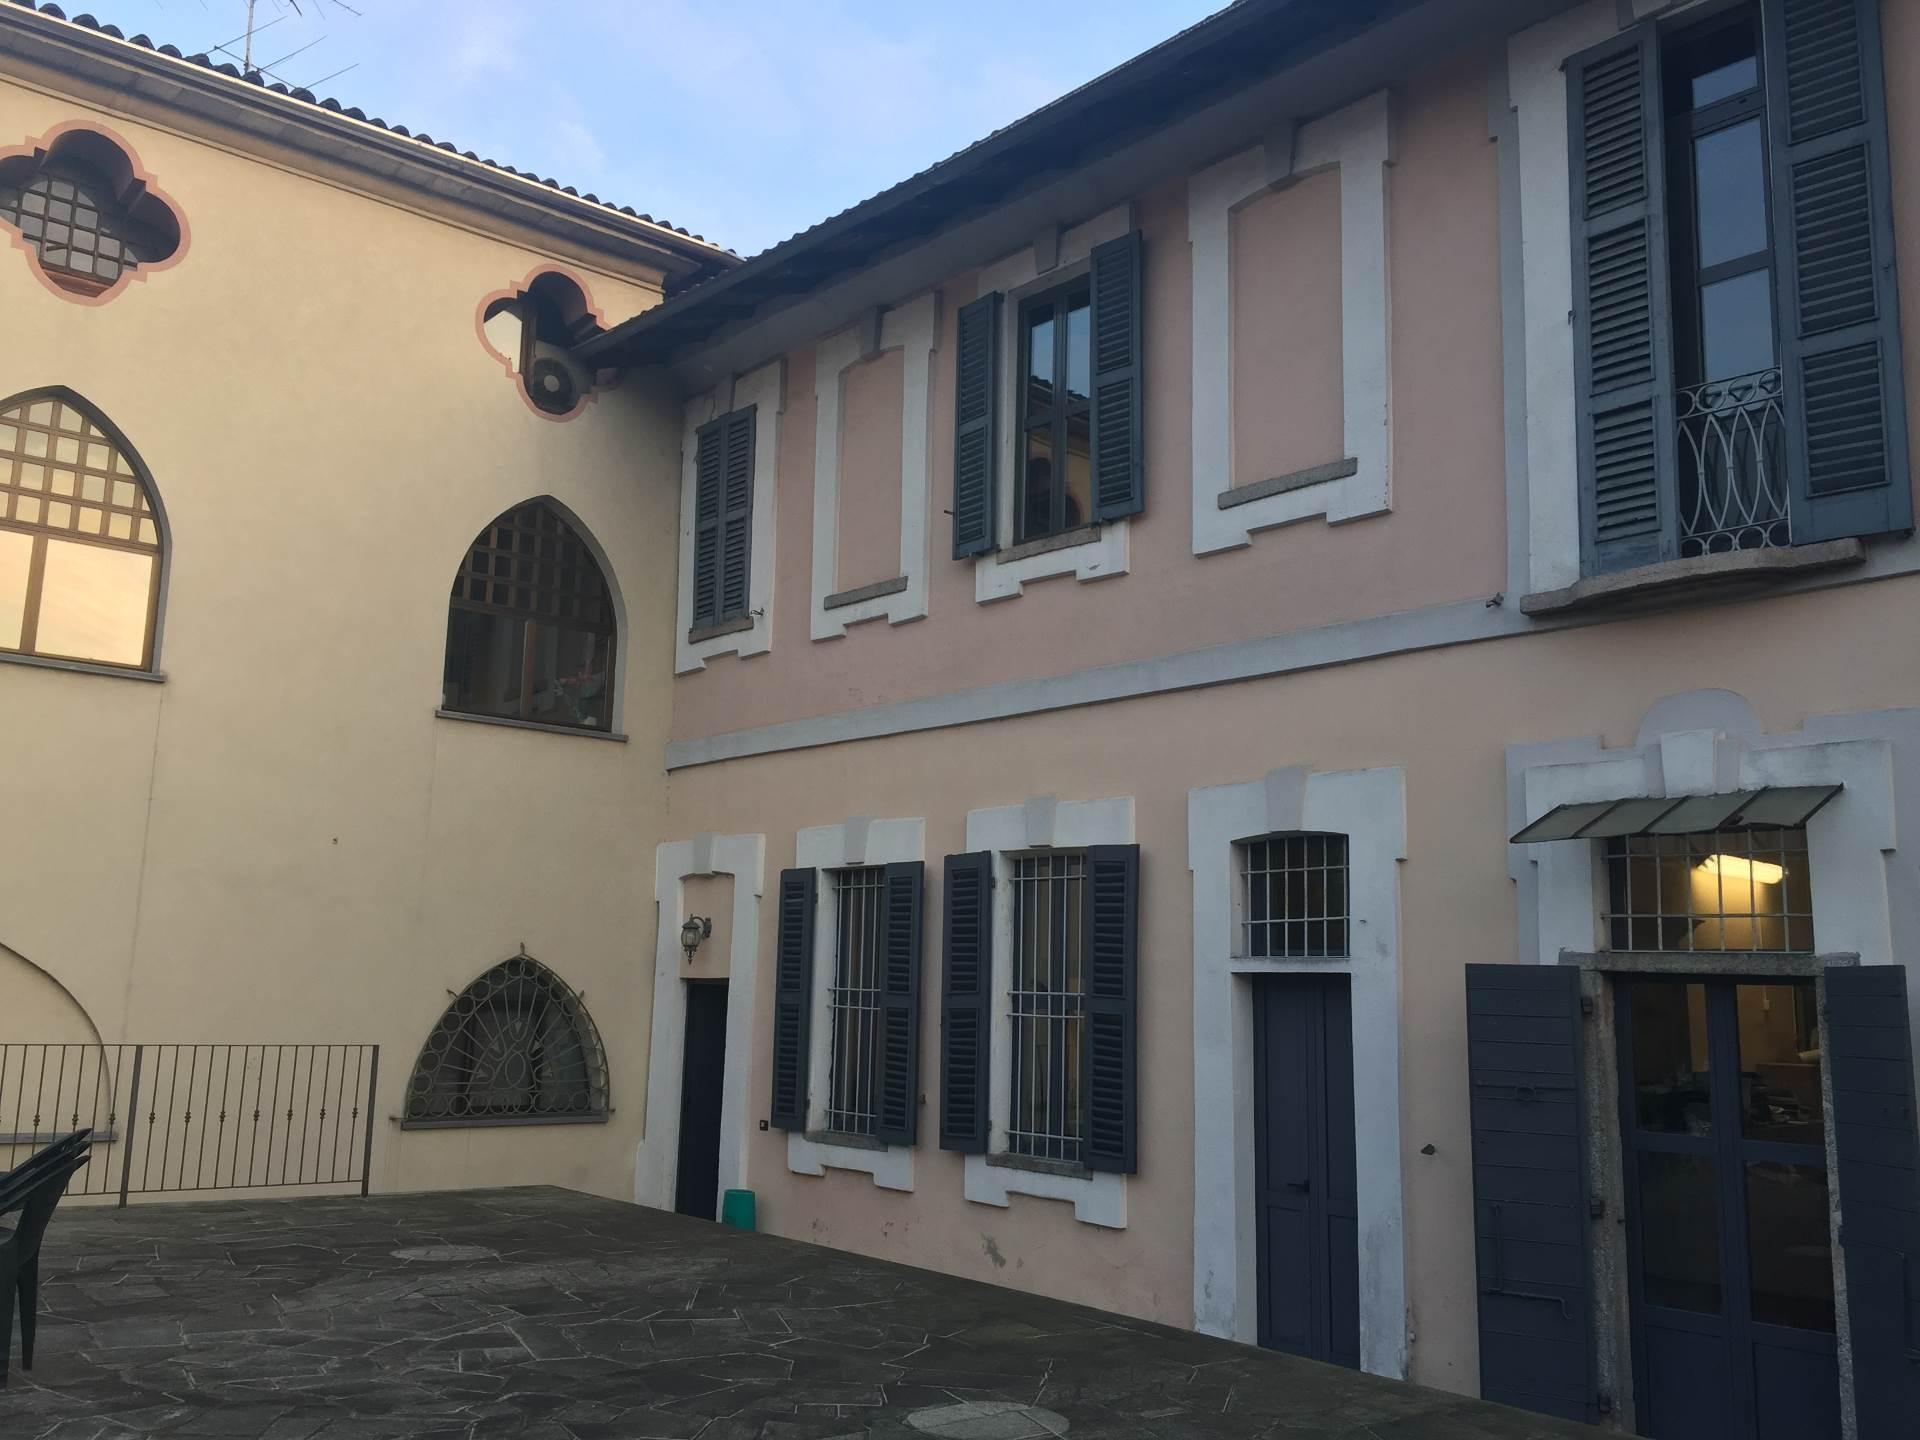 Ufficio / Studio in affitto a Oleggio, 9999 locali, prezzo € 1.400 | Cambio Casa.it